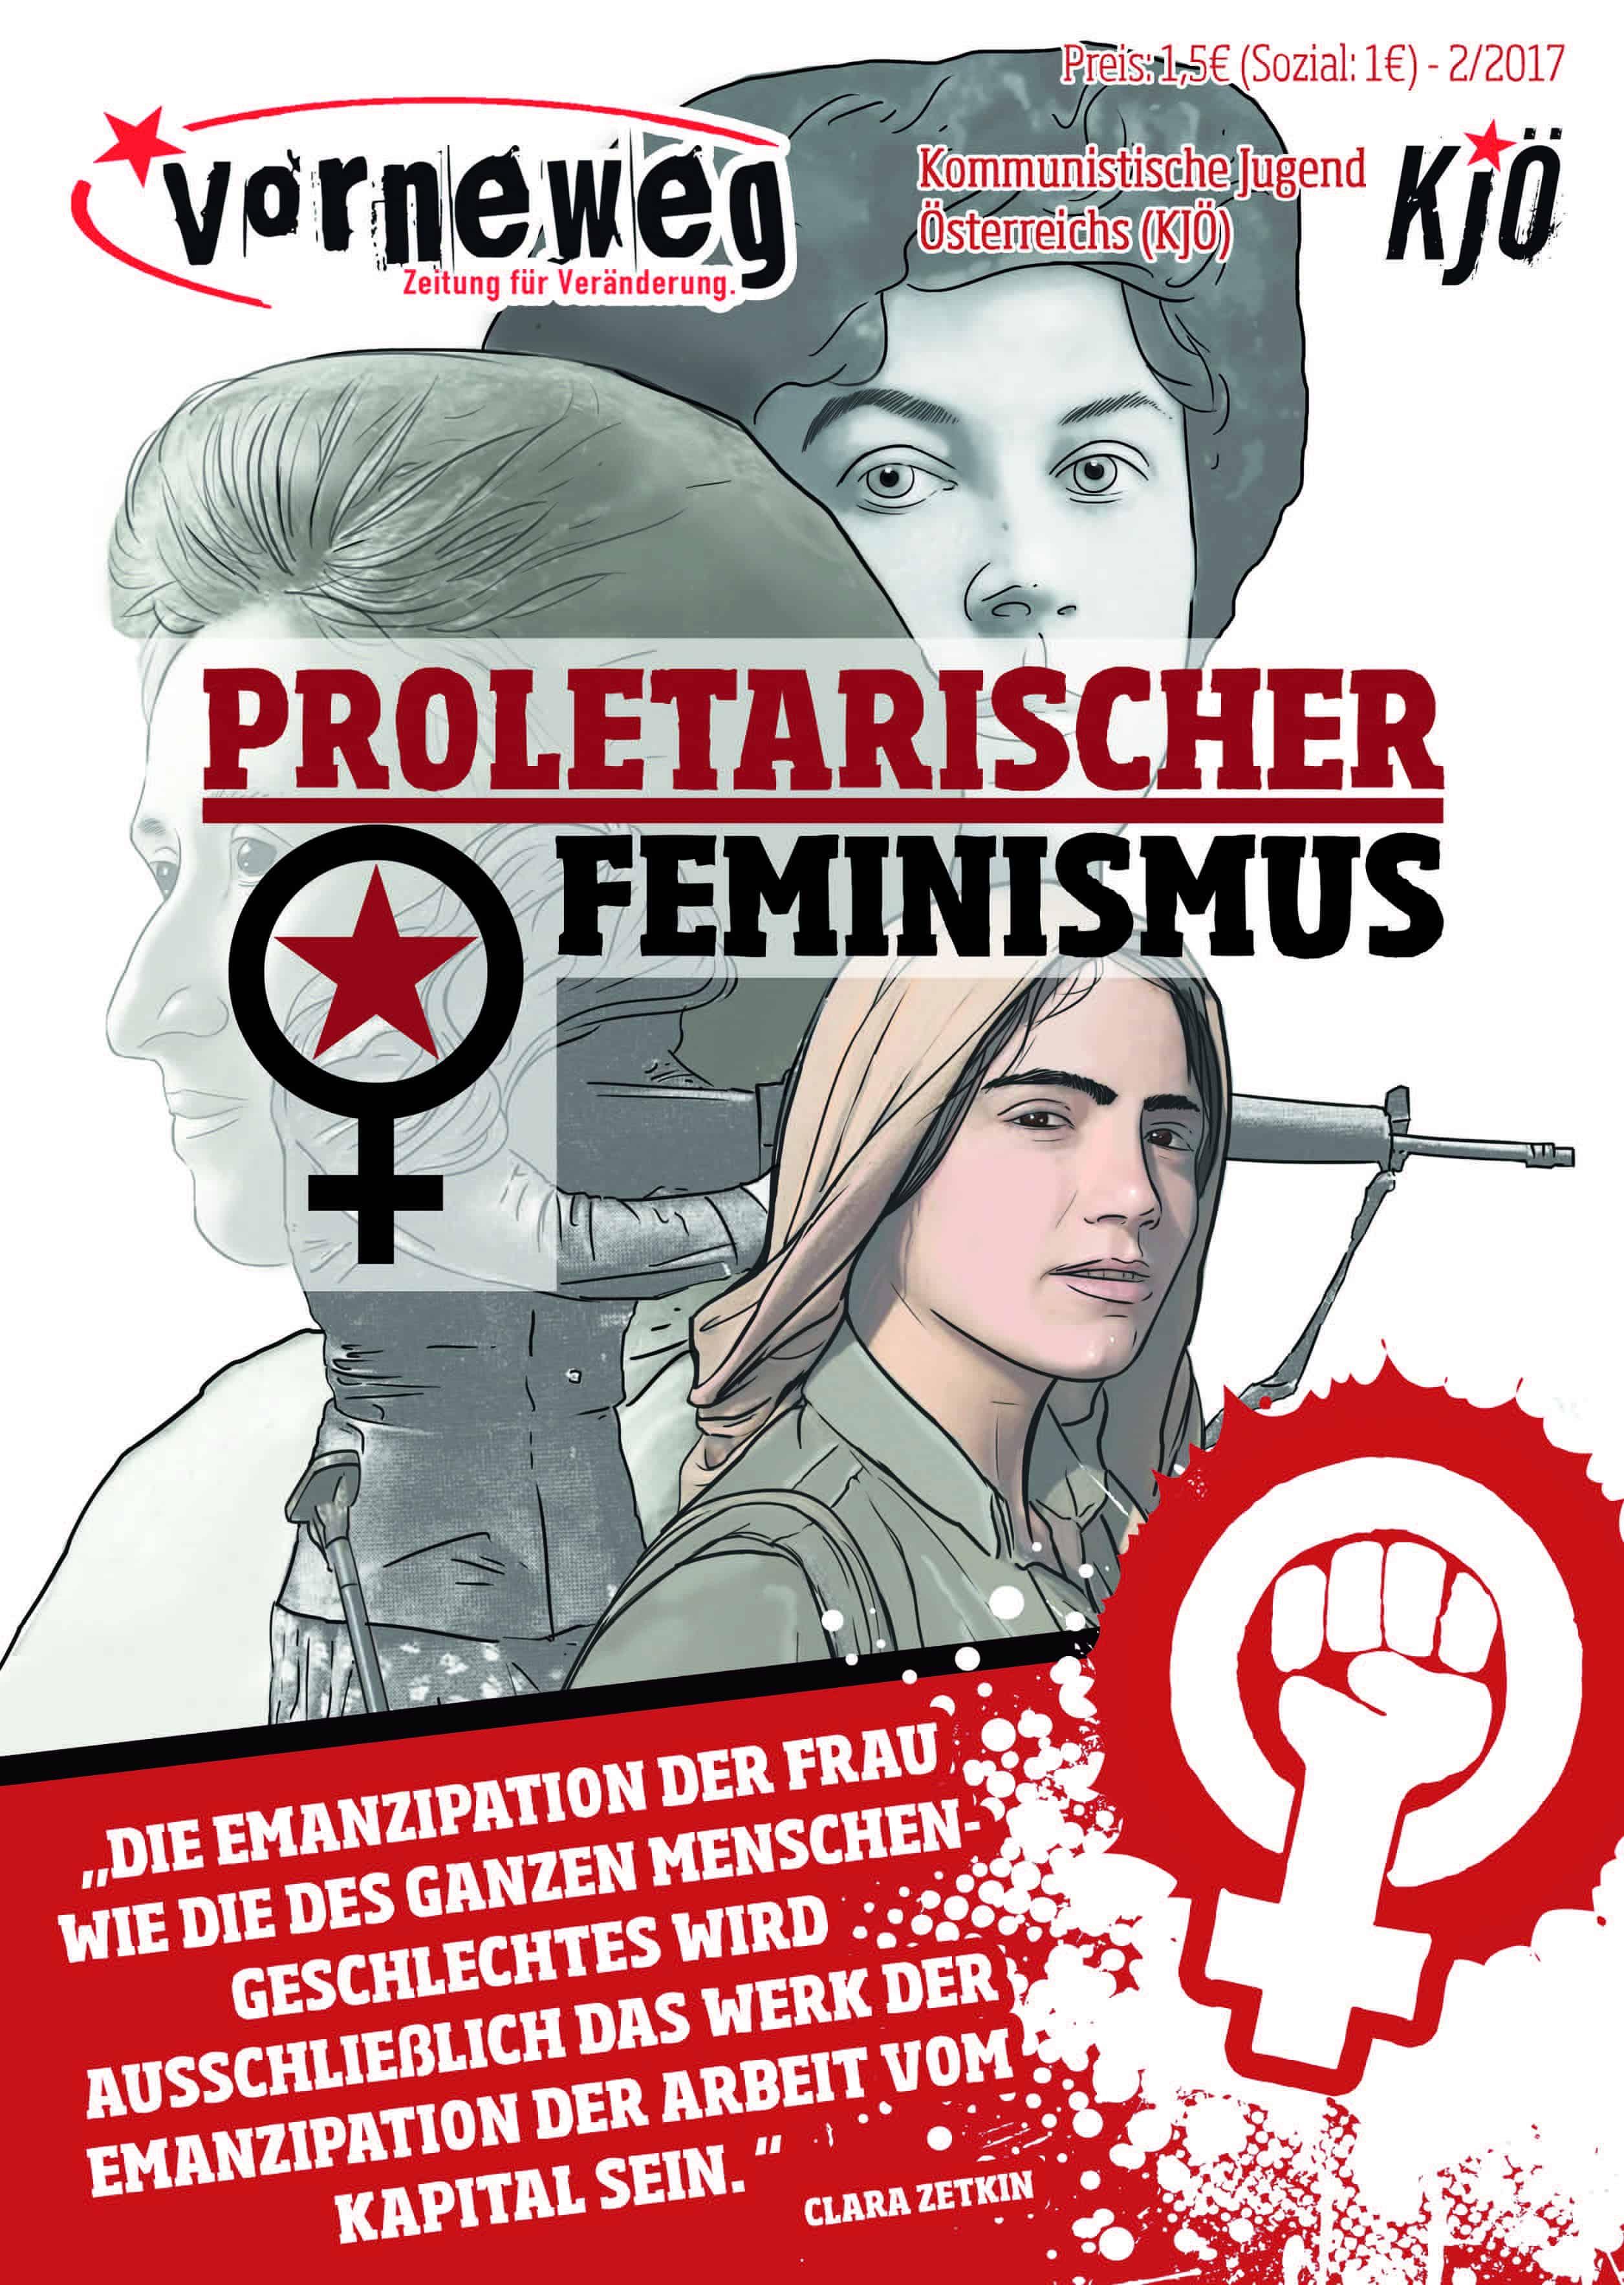 """Titelseite der vorneweg zum Schwerpunkt """"Proletarischer Feminismus"""""""